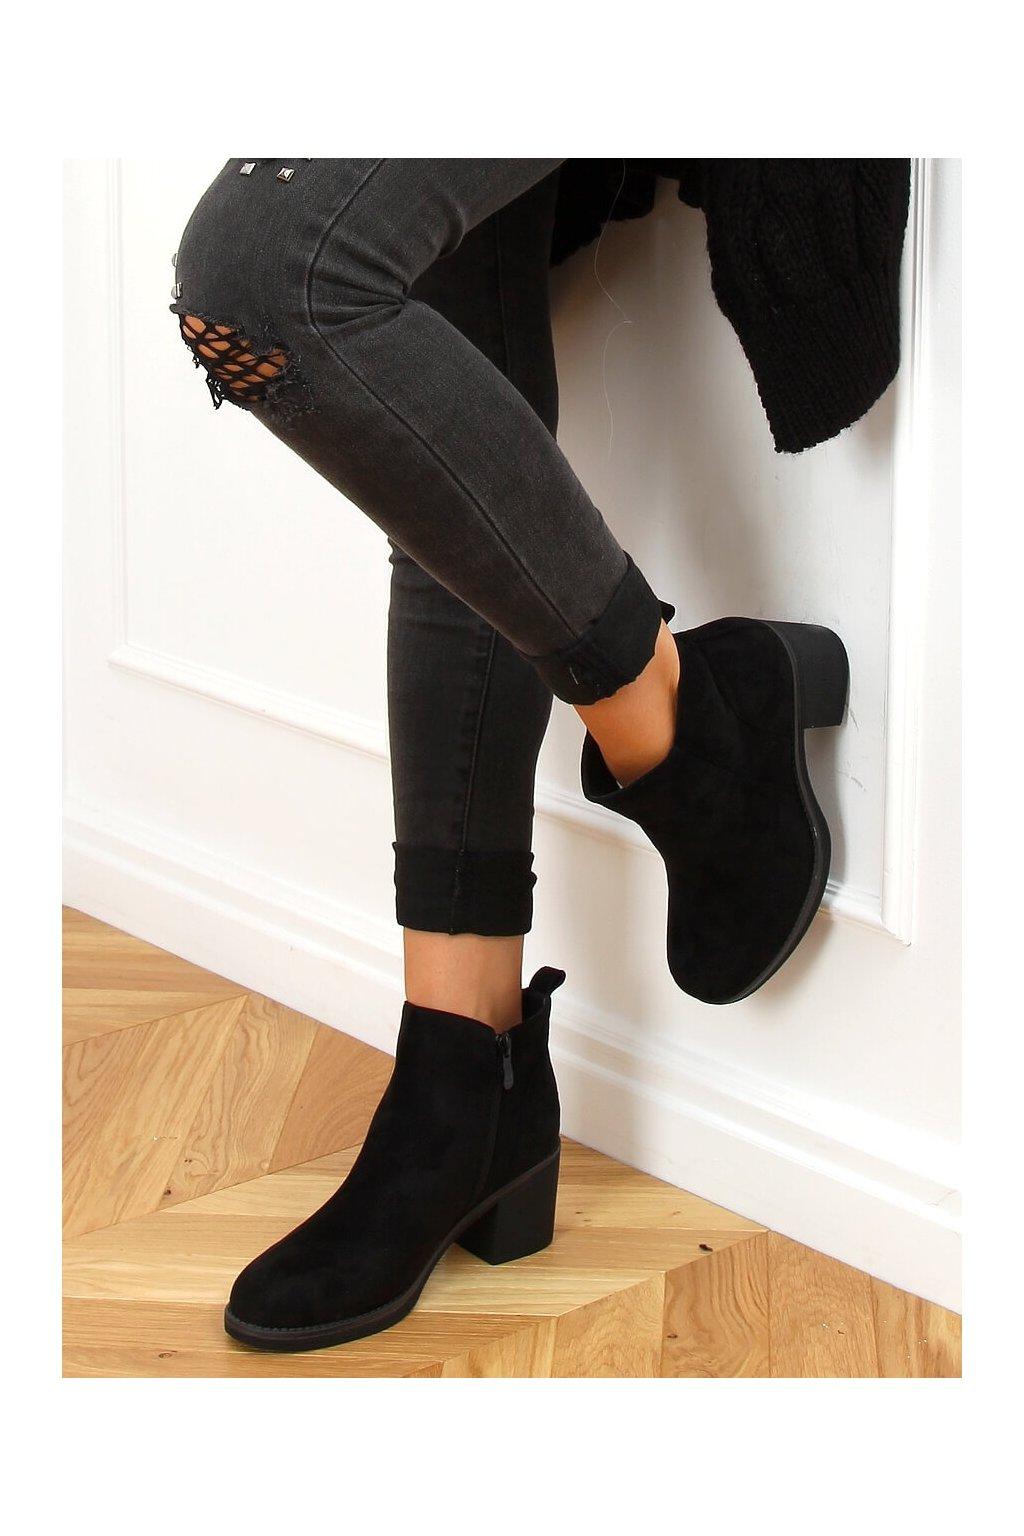 Dámske členkové topánky čierne na širokom podpätku 9B1003